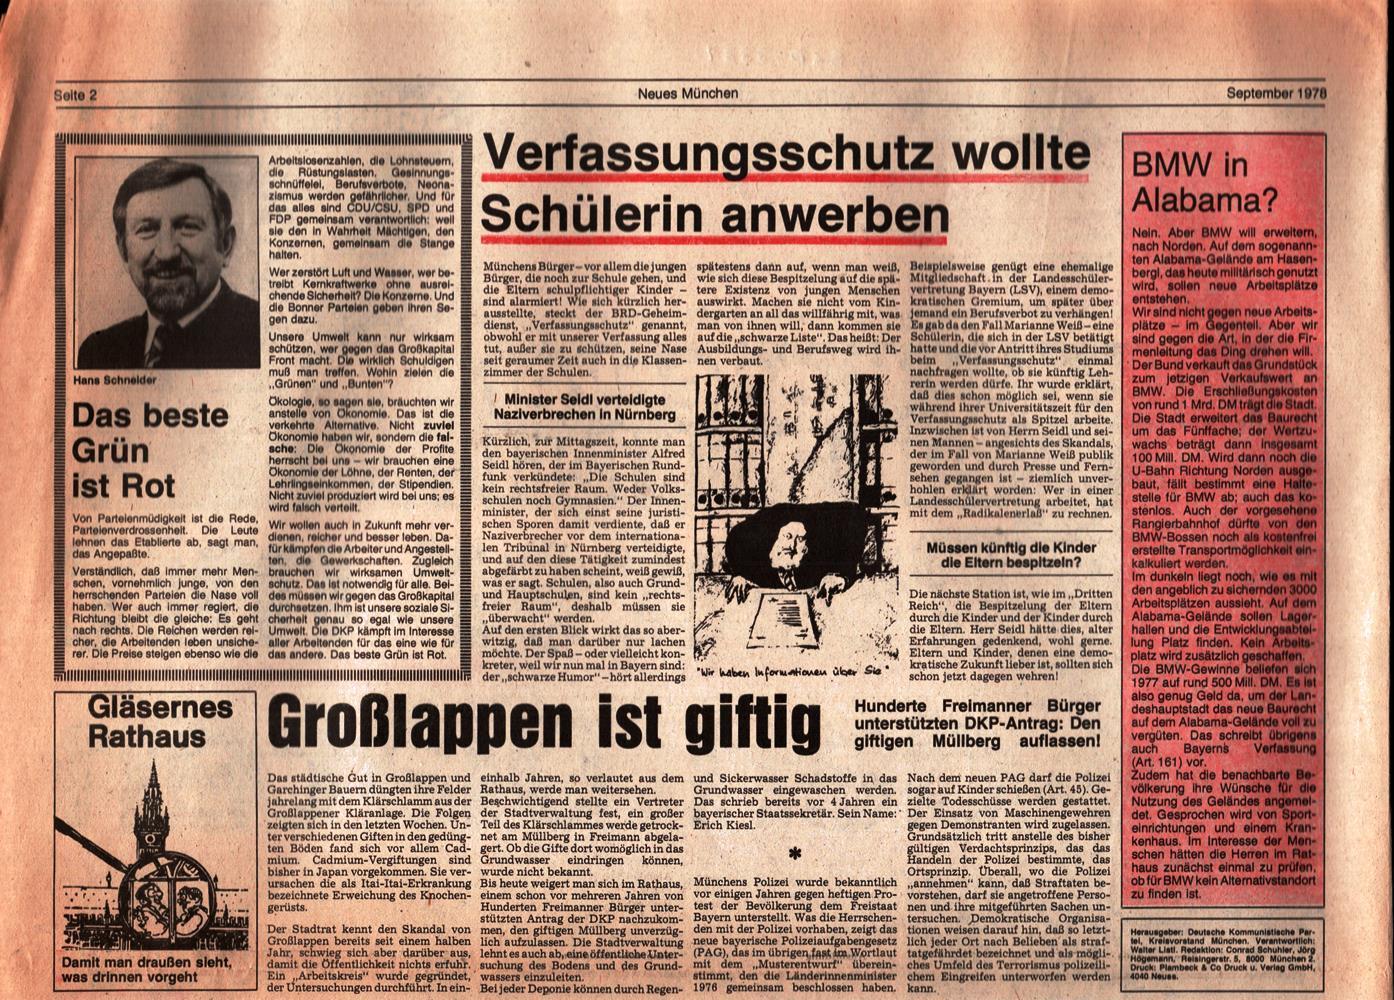 Muenchen_DKP_Neues_Muenchen_19780900_008_009_003